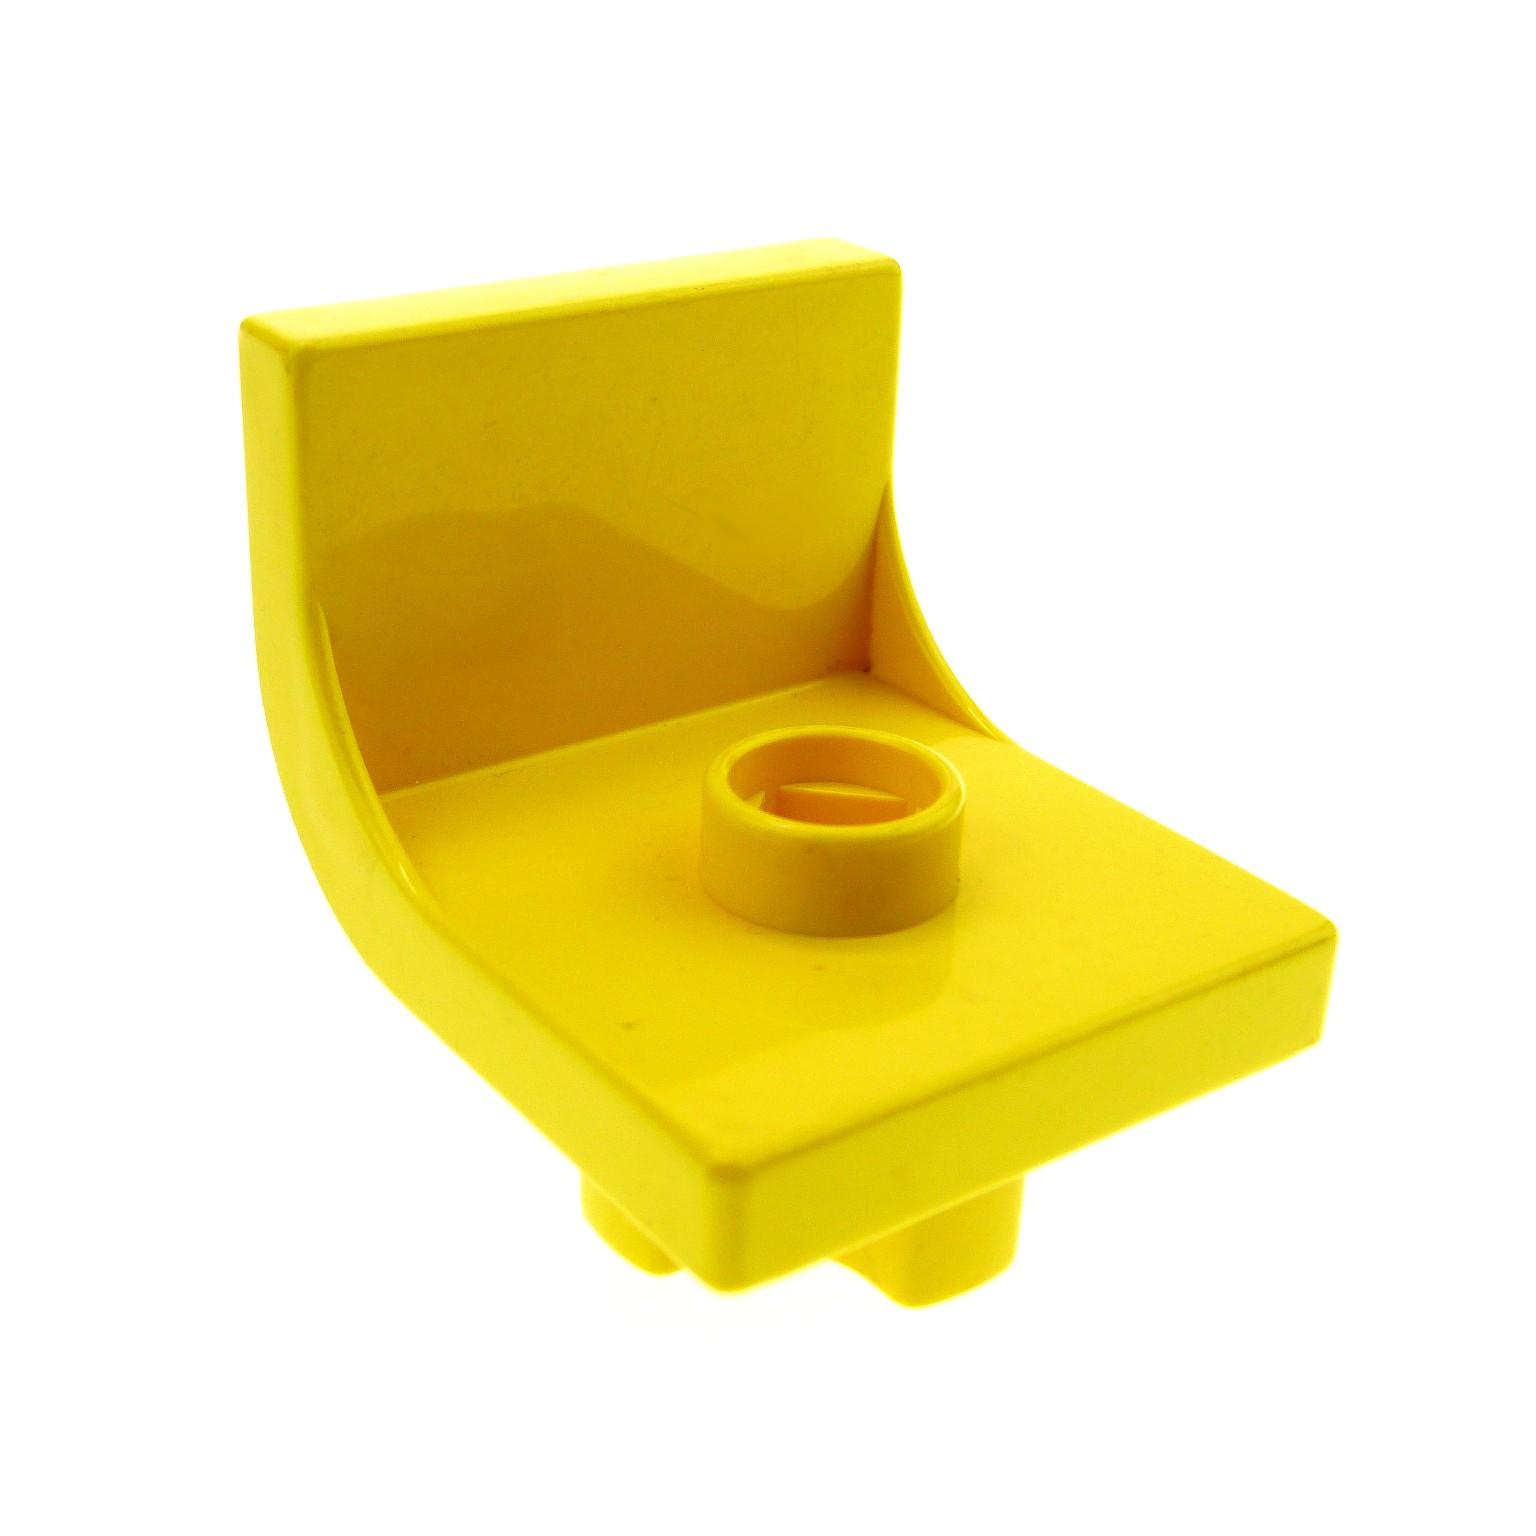 1 x Lego Duplo Stuhl gelb 1 Noppe Sitz Stühle Küche Wohnzimmer ...